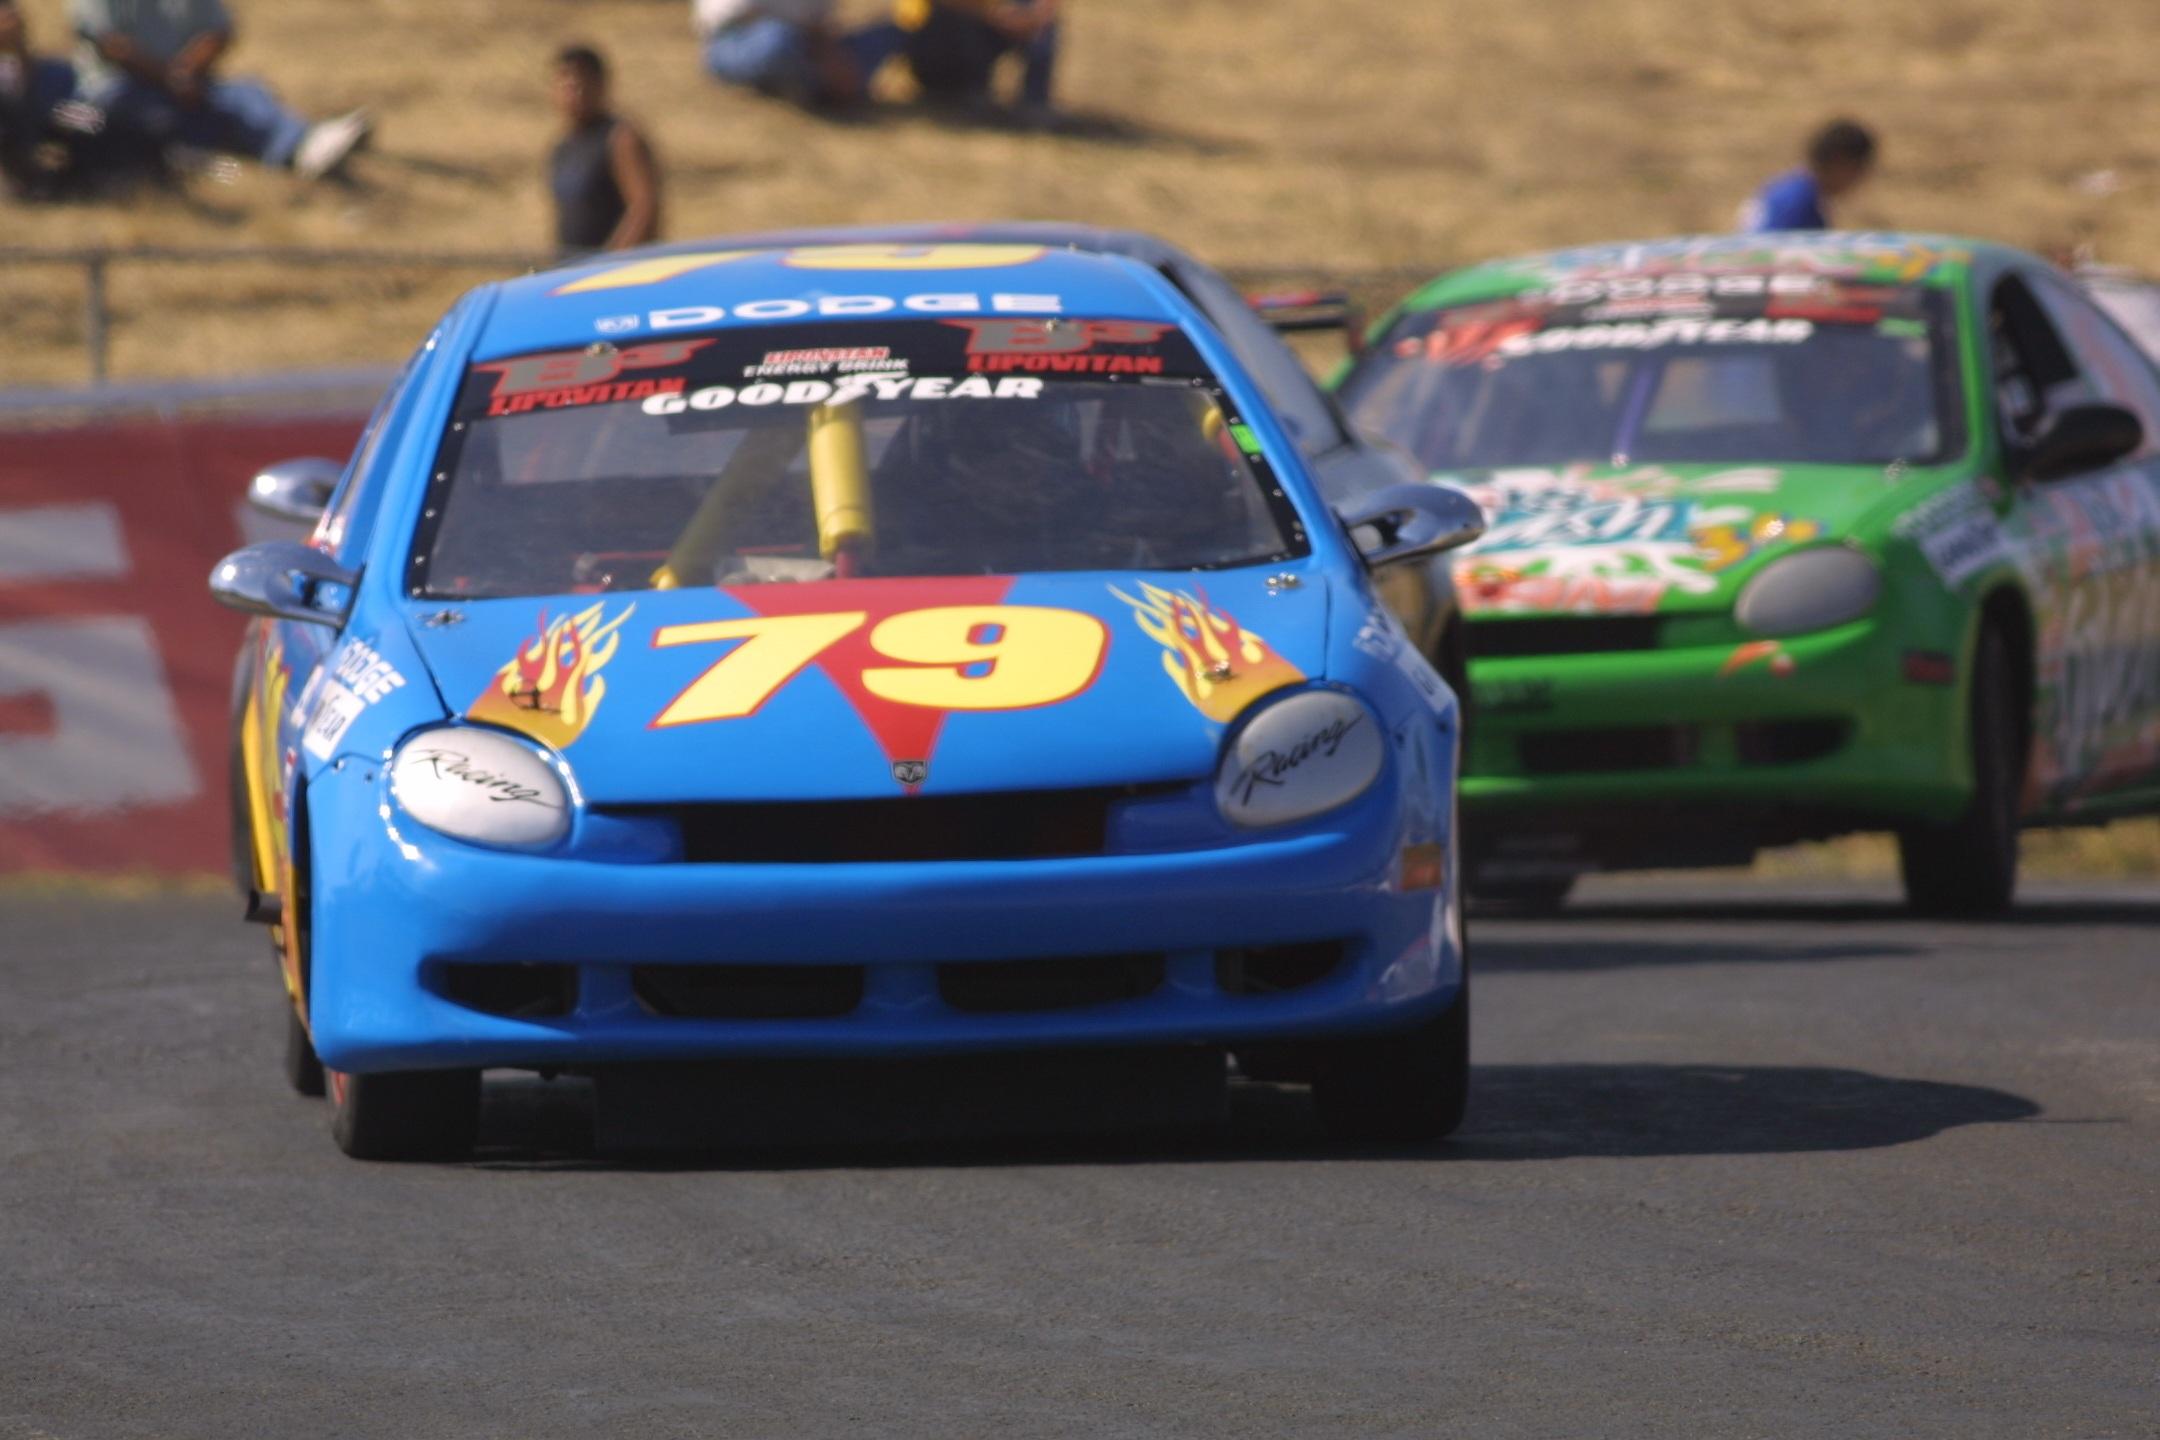 Free Images : structure, vehicle, automotive, sports car, race car ...